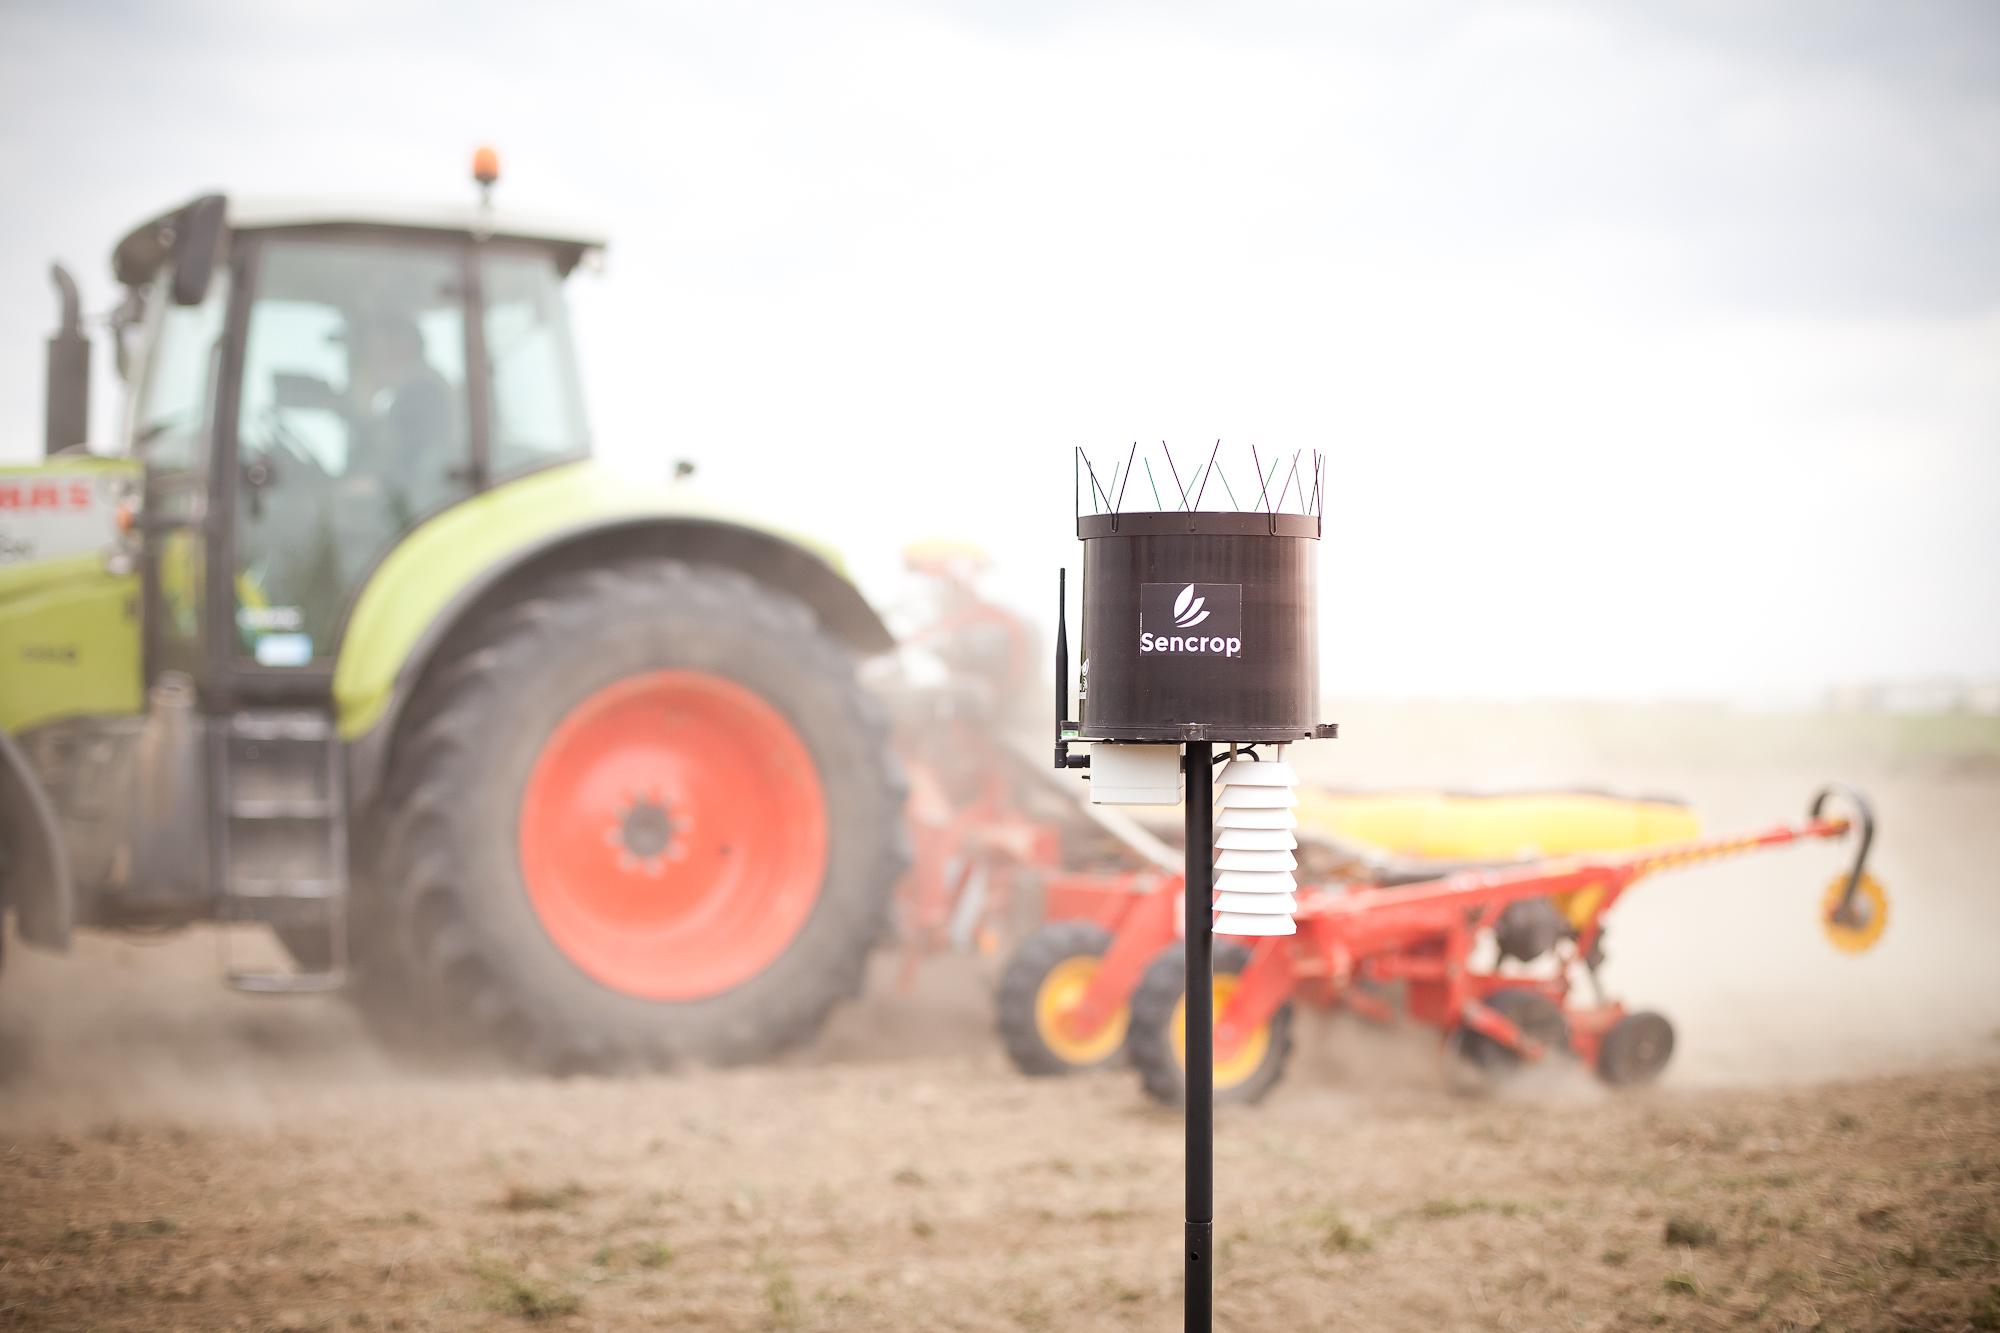 Avec Sencrop, la Chambre d'Agriculture de Région Île-de-France crée un réseau unique de données météo sur le territoire francilien.